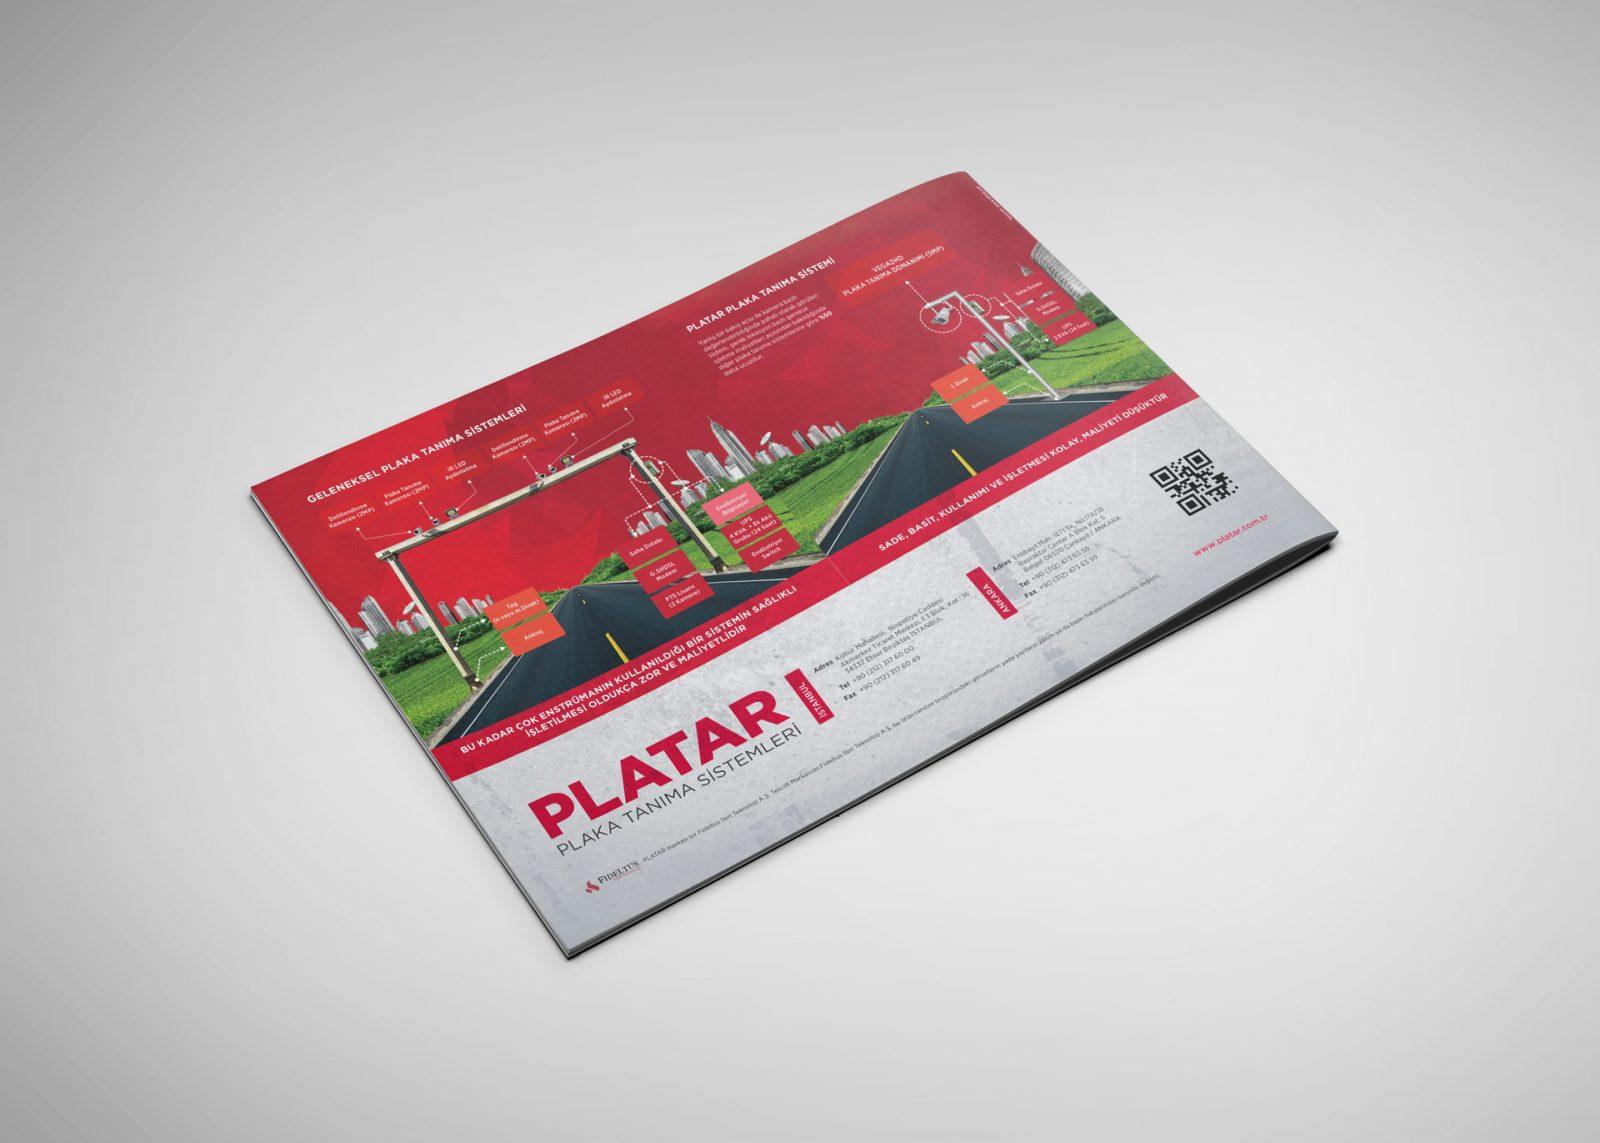 platar broşür tasarımı 13